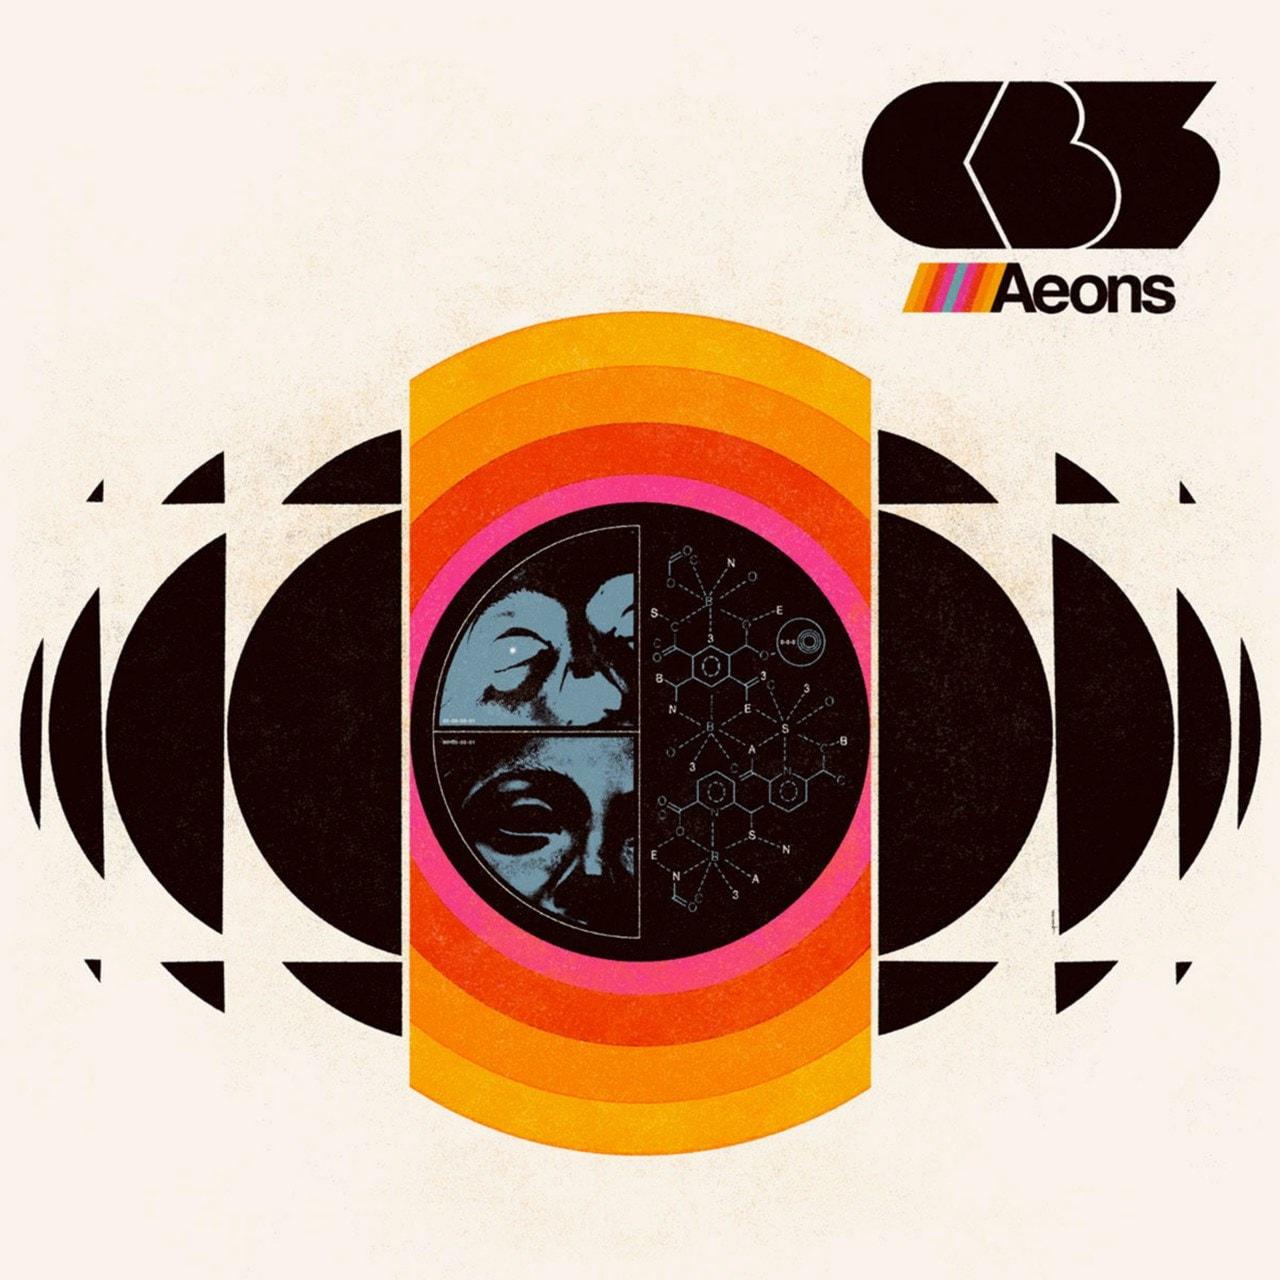 Aeons - 1